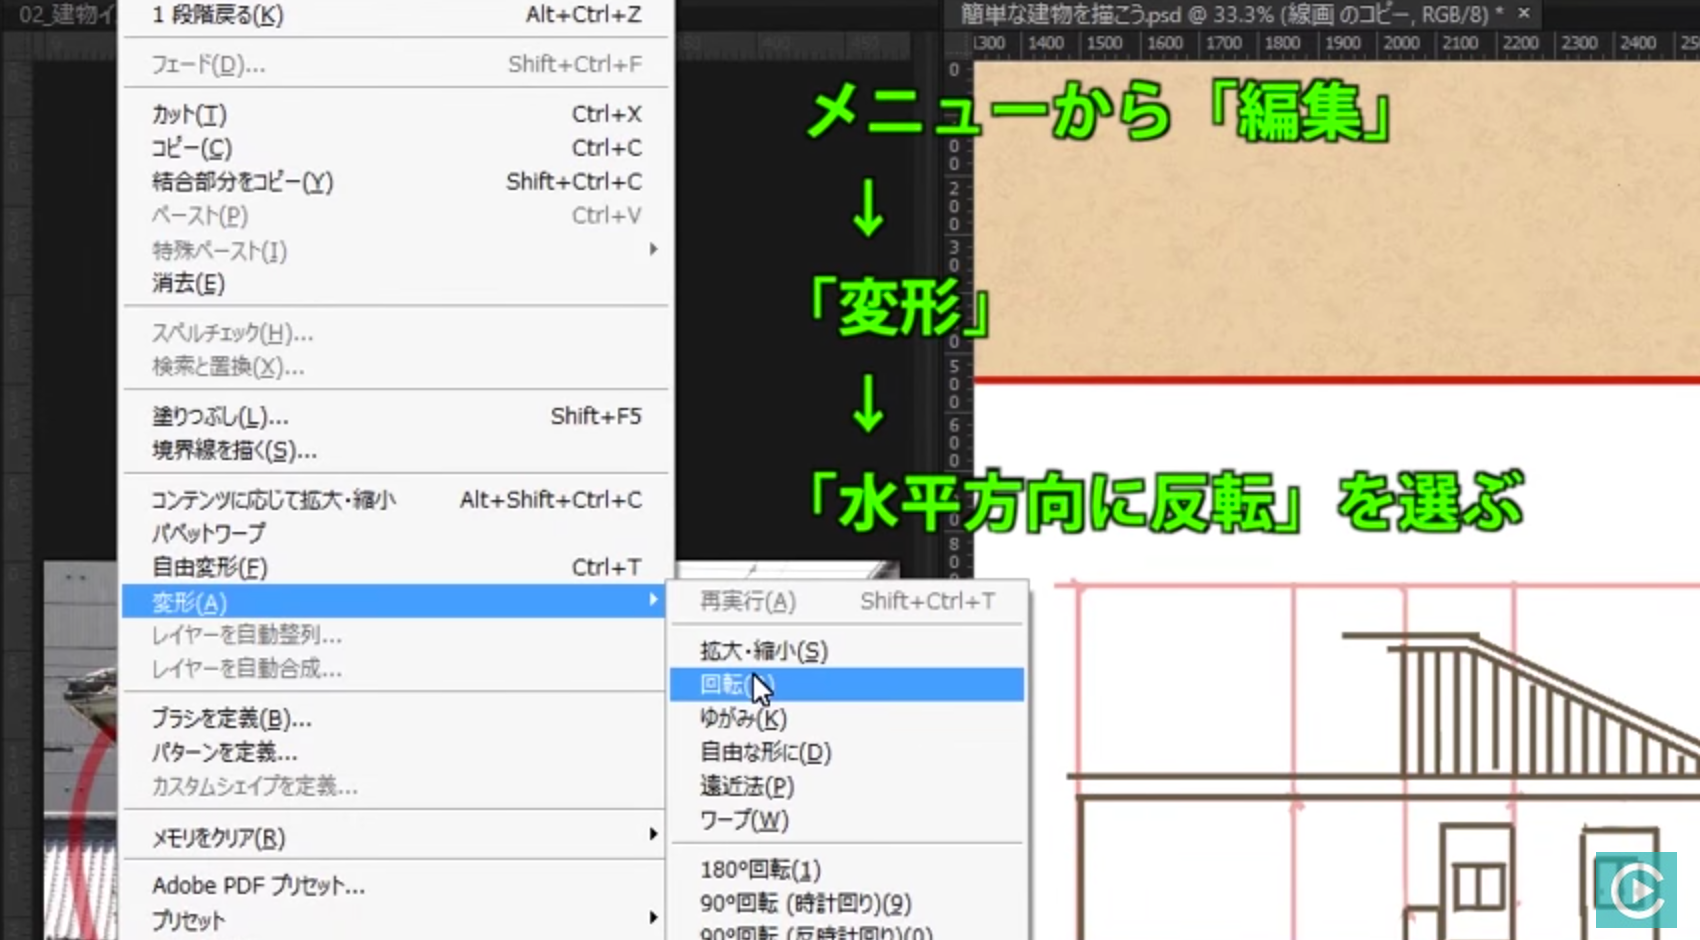 最後にドアの上の曲線を描くので、ツールパネルから「ペンツール」をクリックします。 他のソフトの場合は曲線ツールを使います。